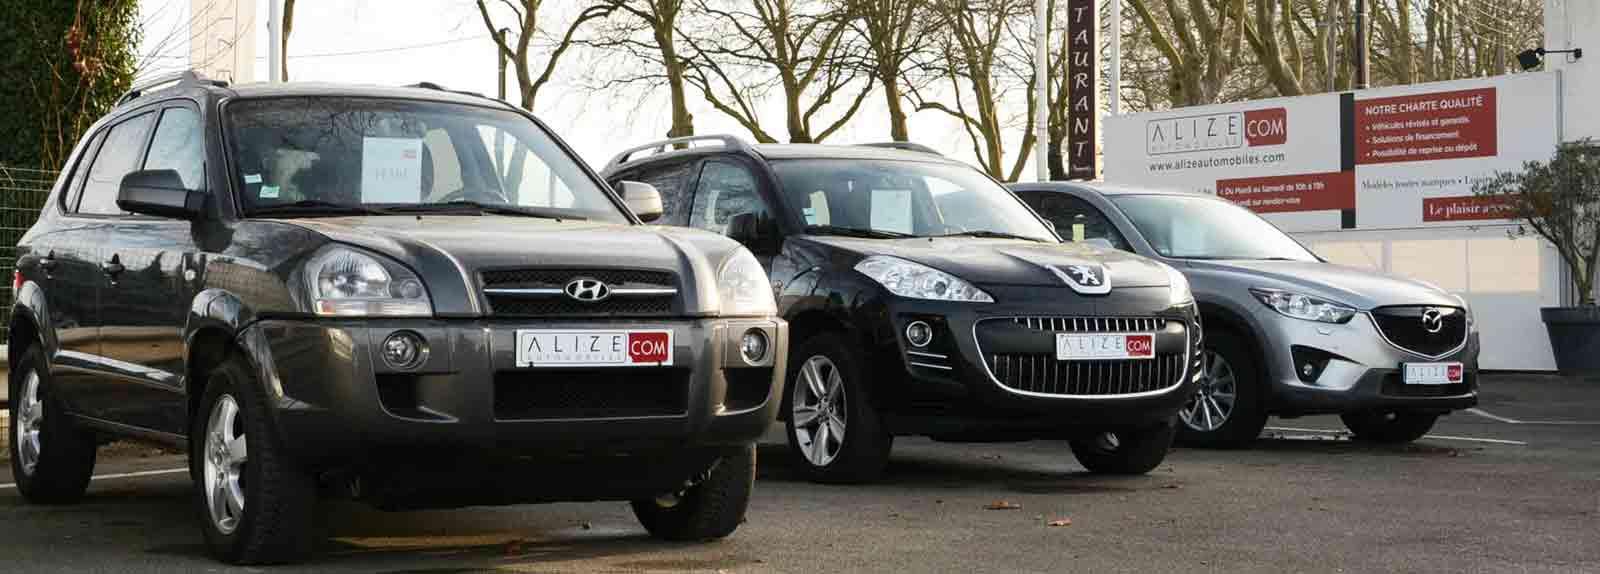 Alizé Automobiles leader depuis 10 ans dans la vente de véhicules d'occasion premium